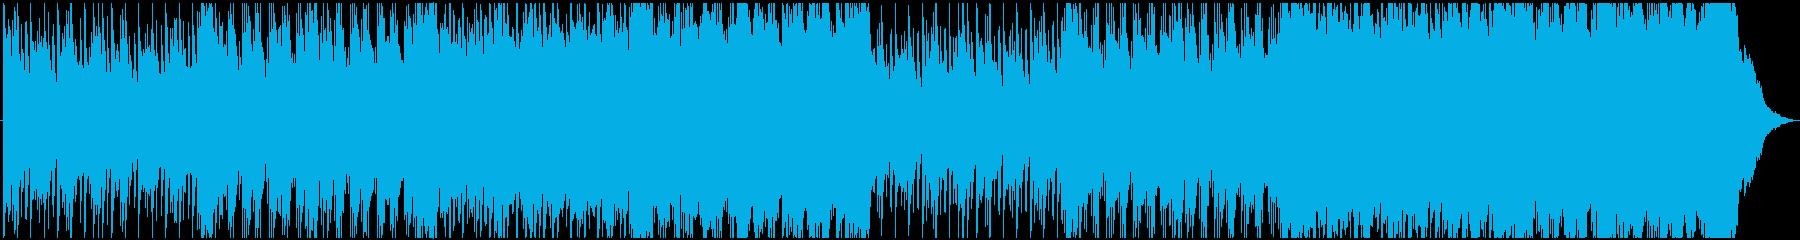 感動ピアノとストリングスのバラードワルツの再生済みの波形